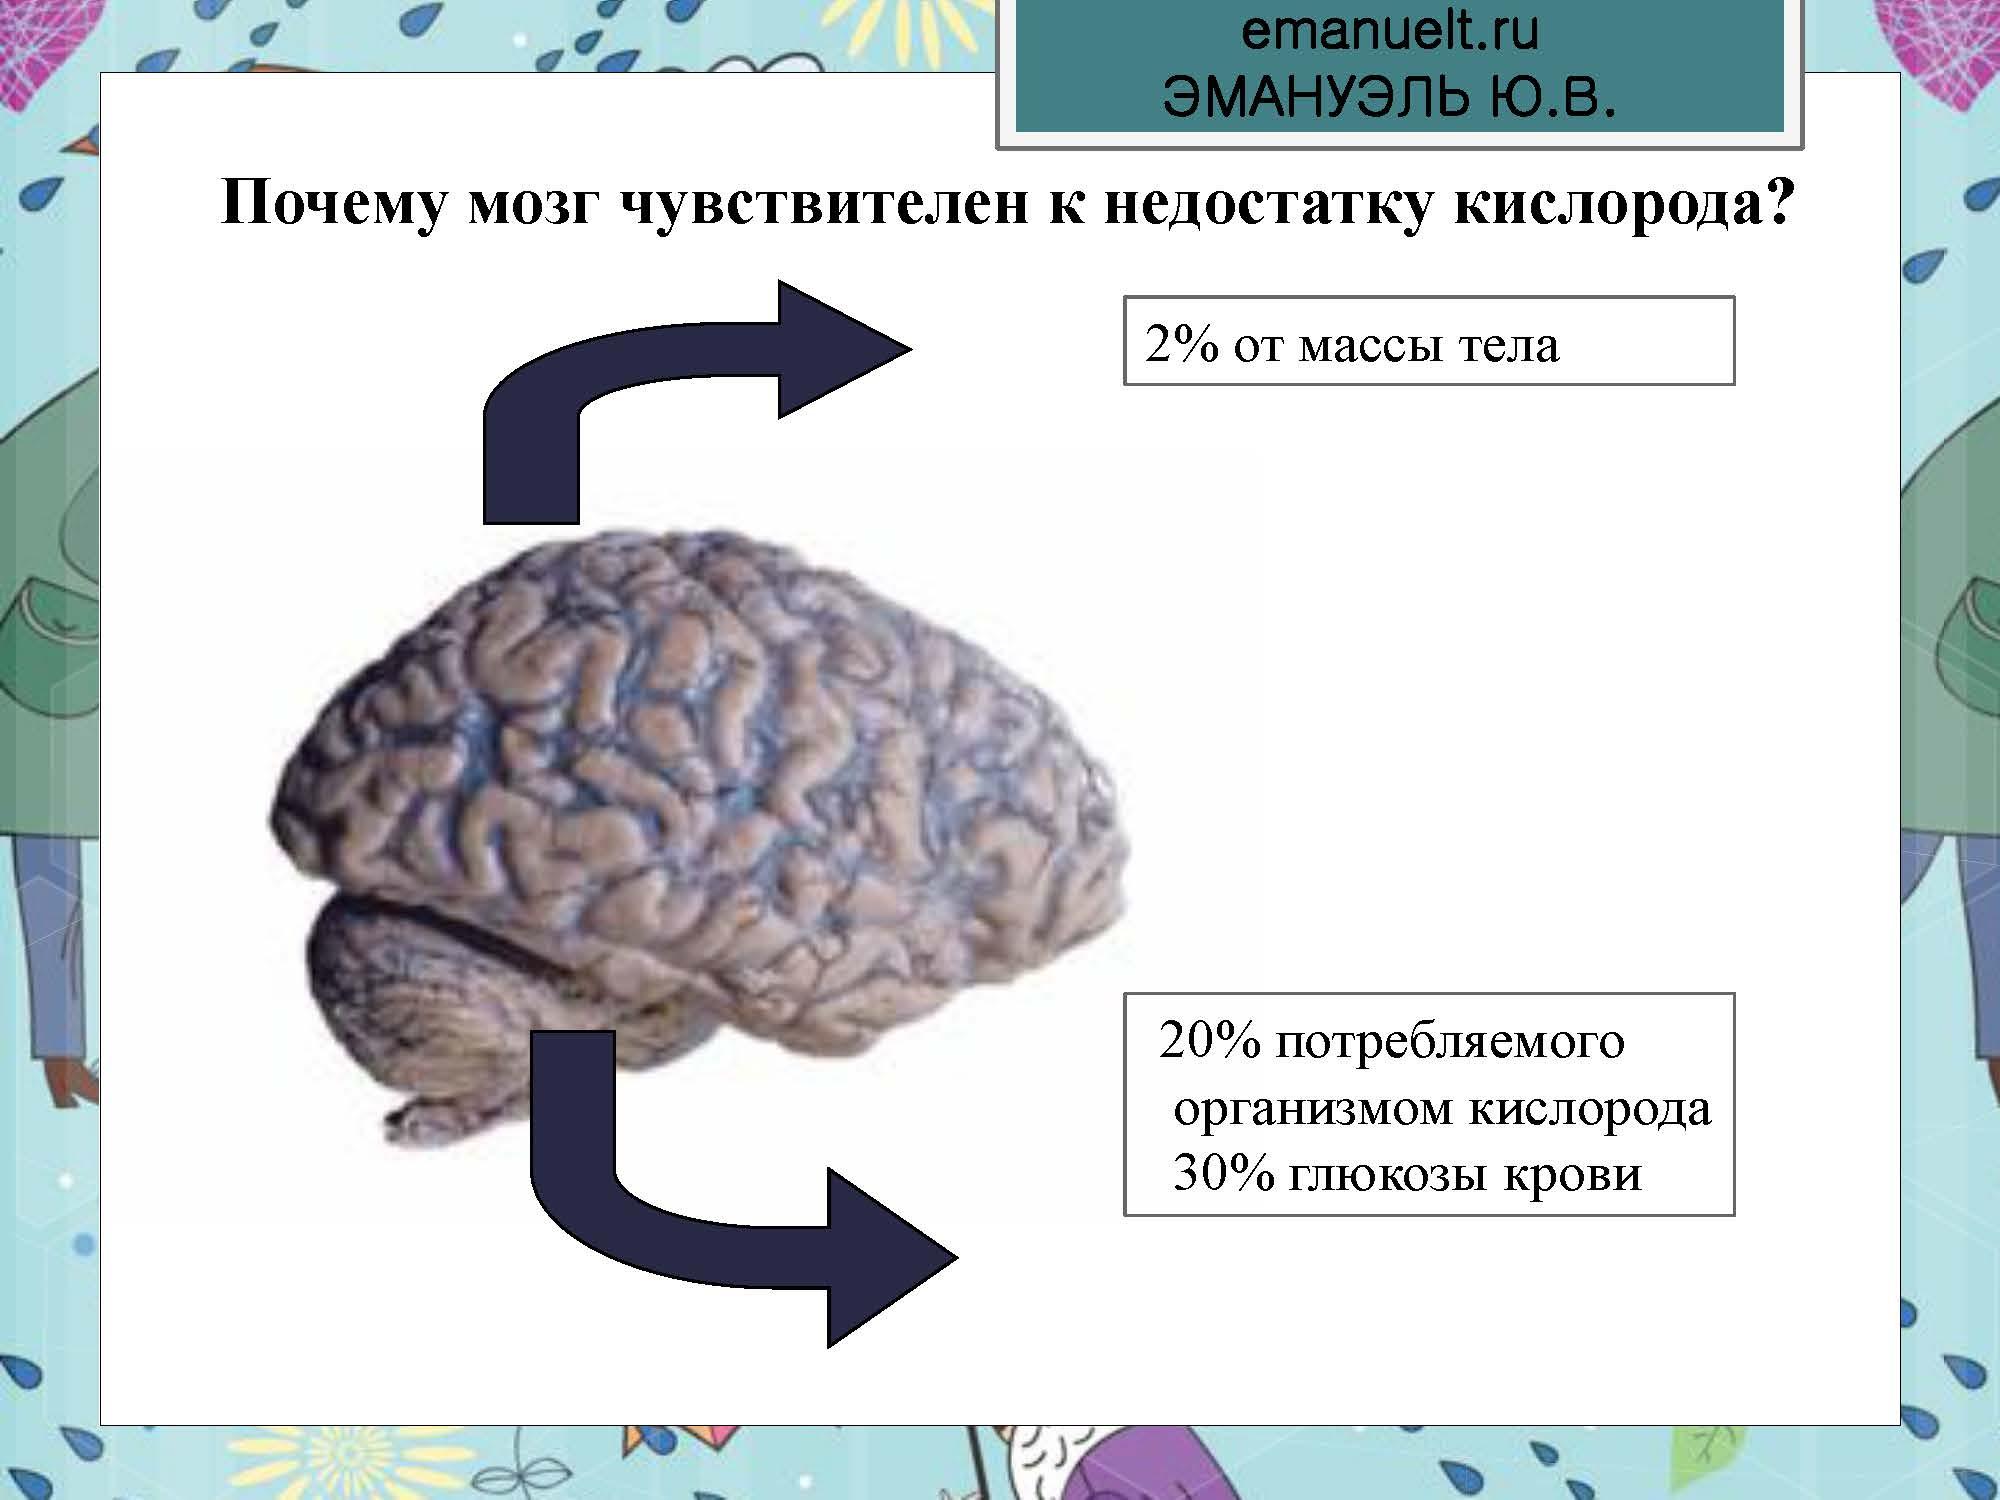 Секция 8. ЭЮВ. СПбГМУ.  26.03_Страница_04